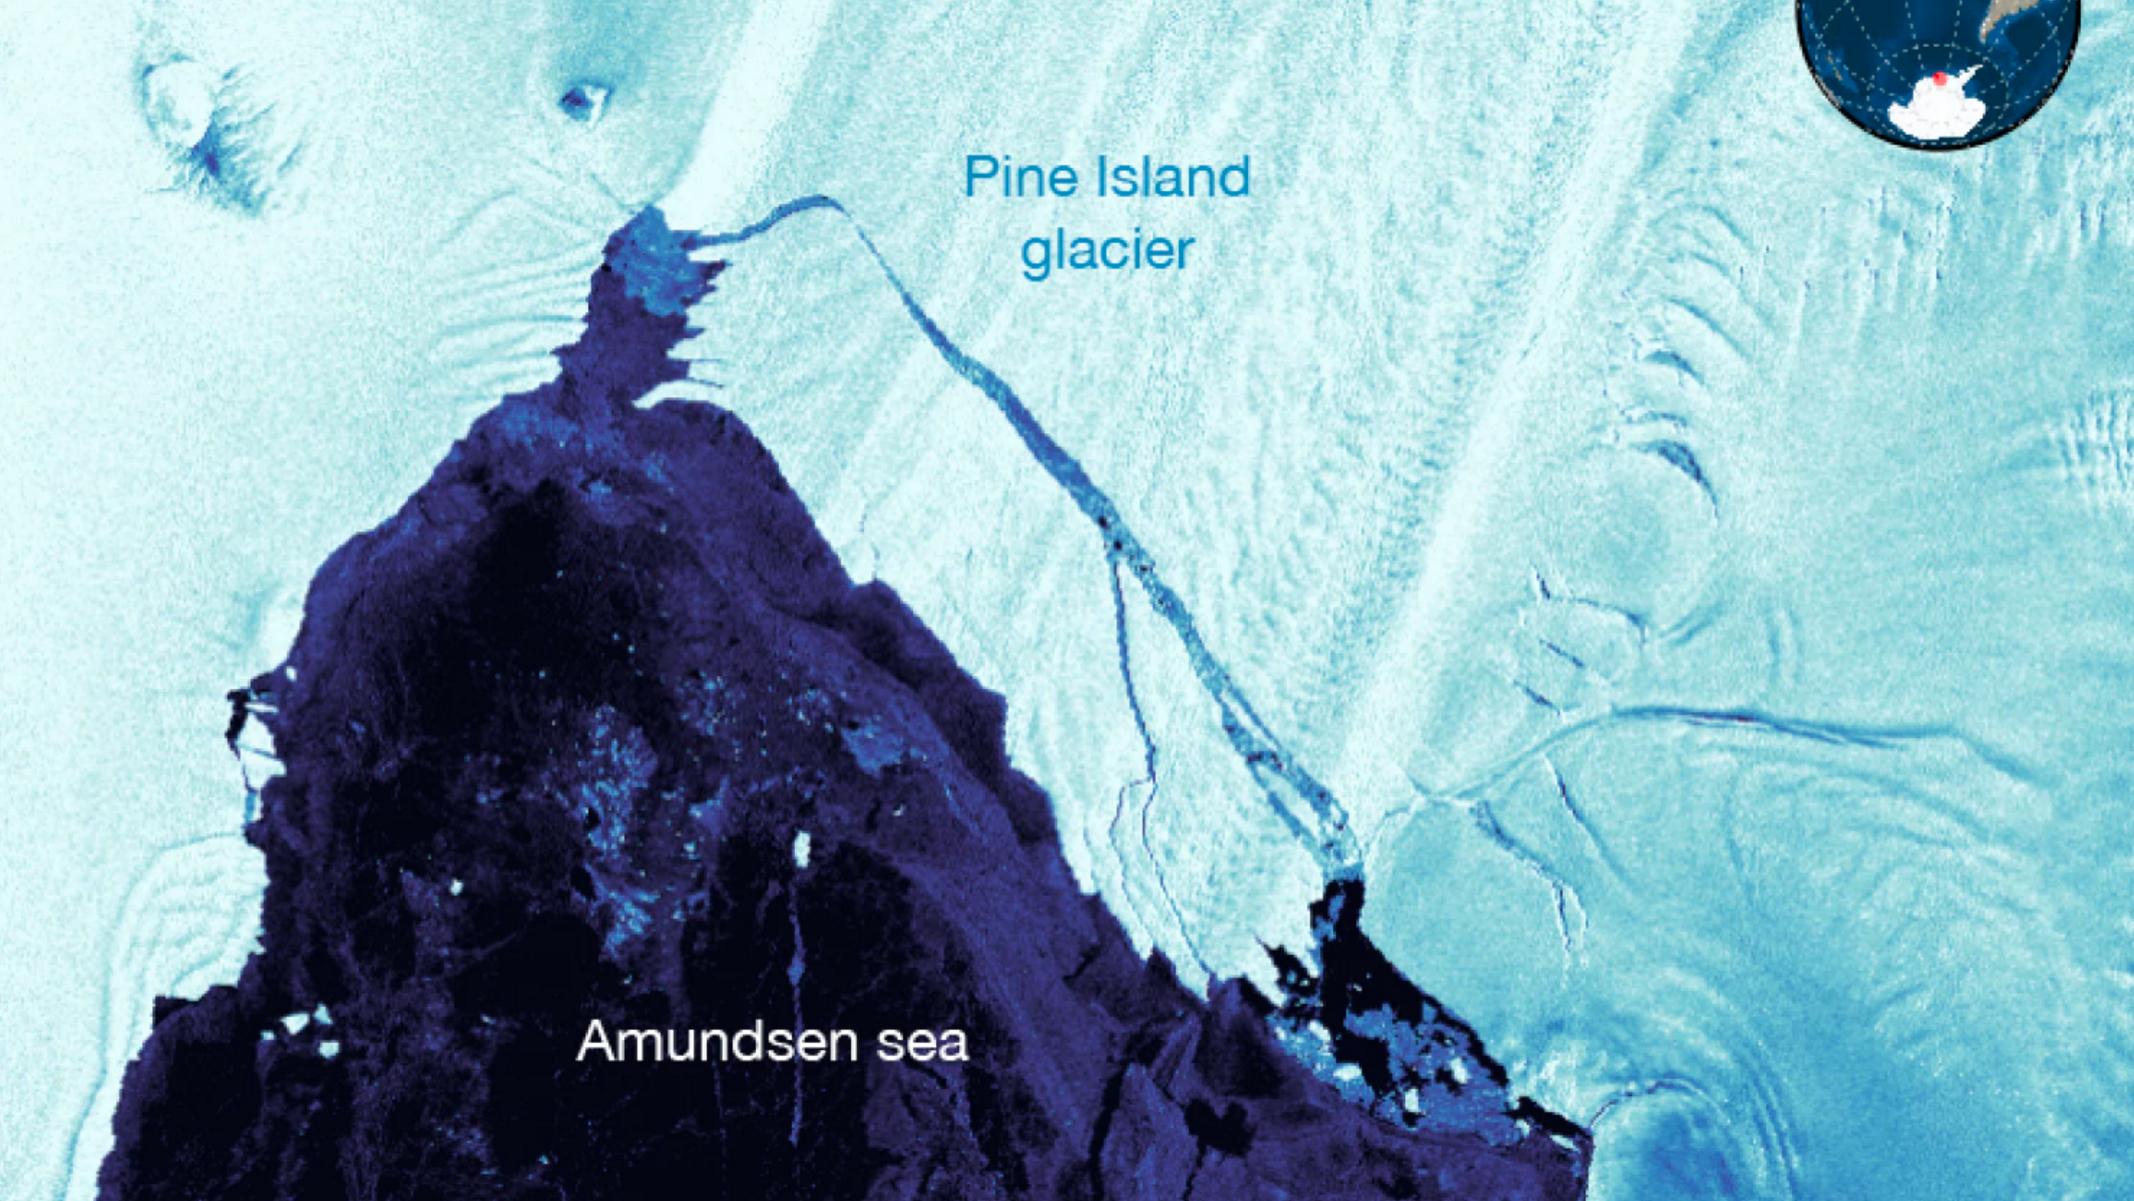 دانشمندان هشدار دادهاند، در صورت ذوب شدن صفحات یخی جنوبگان، سطح آب دریاهای سراسر جهان احتمالا تا ۳ متر بالا خواهد آمد، به این ترتیب بسیاری از شهرهایی که در نواحی سواحلی جهان قرار دارند، به زیرآب خواهند رفت